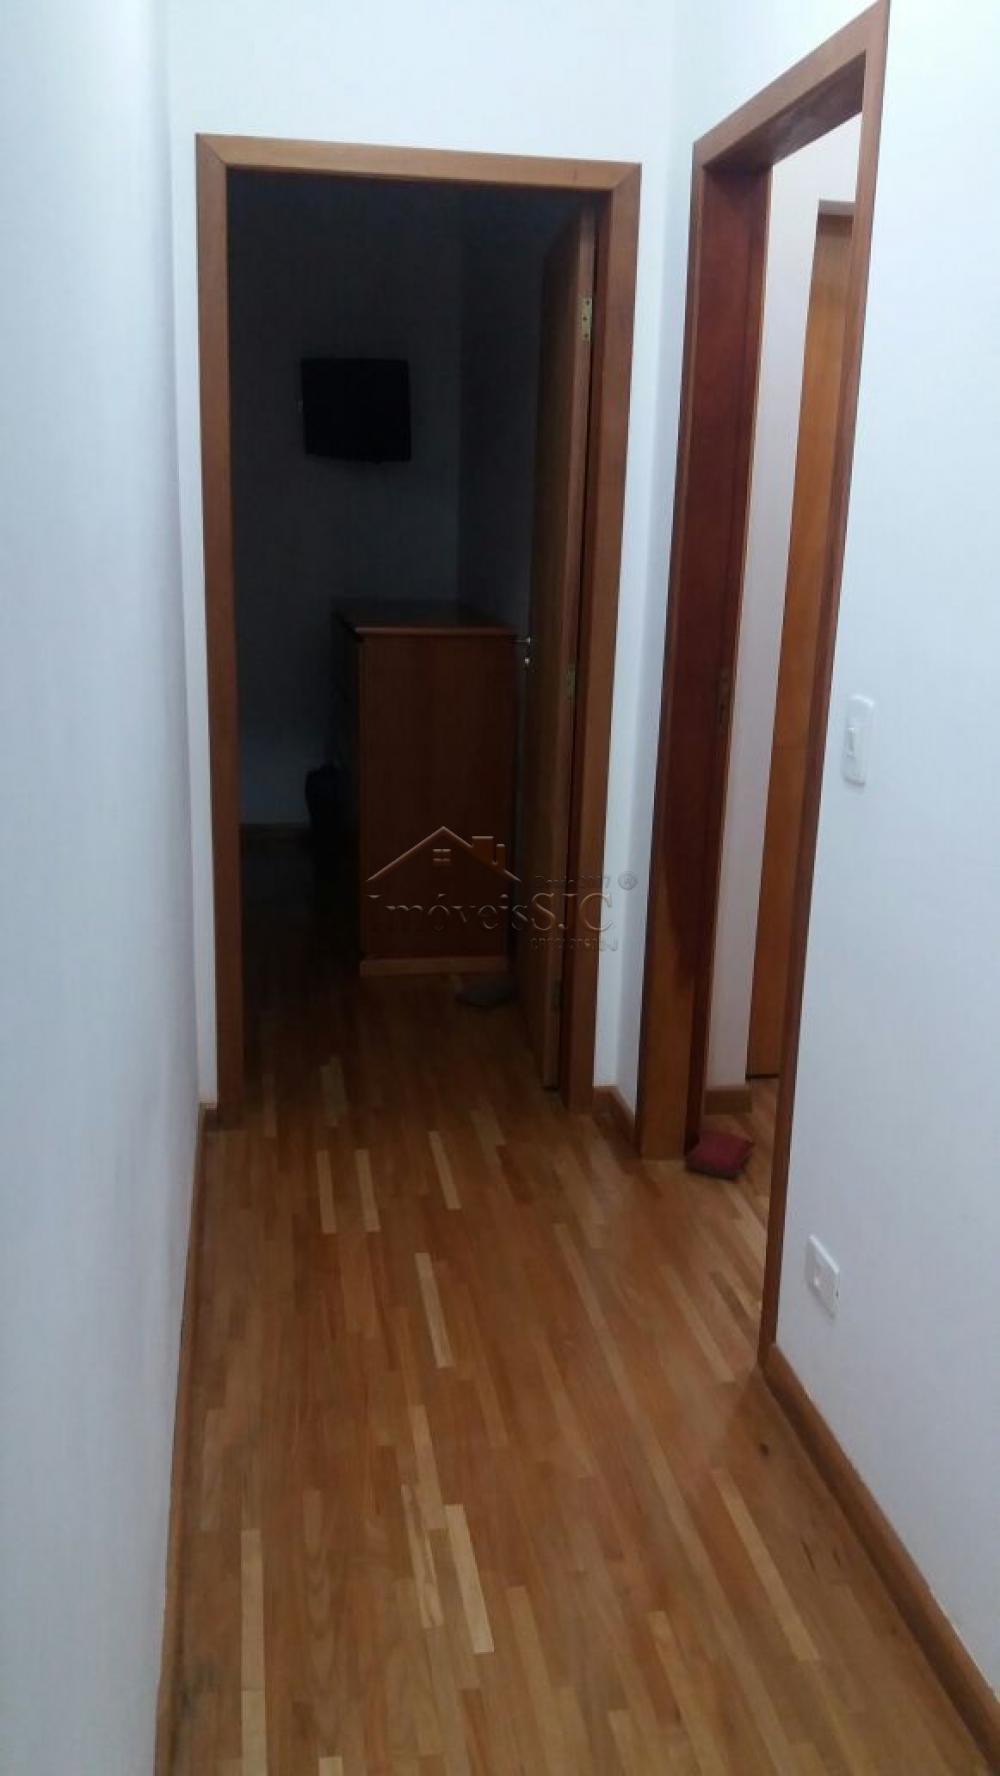 Comprar Casas / Condomínio em Caçapava apenas R$ 530.000,00 - Foto 7